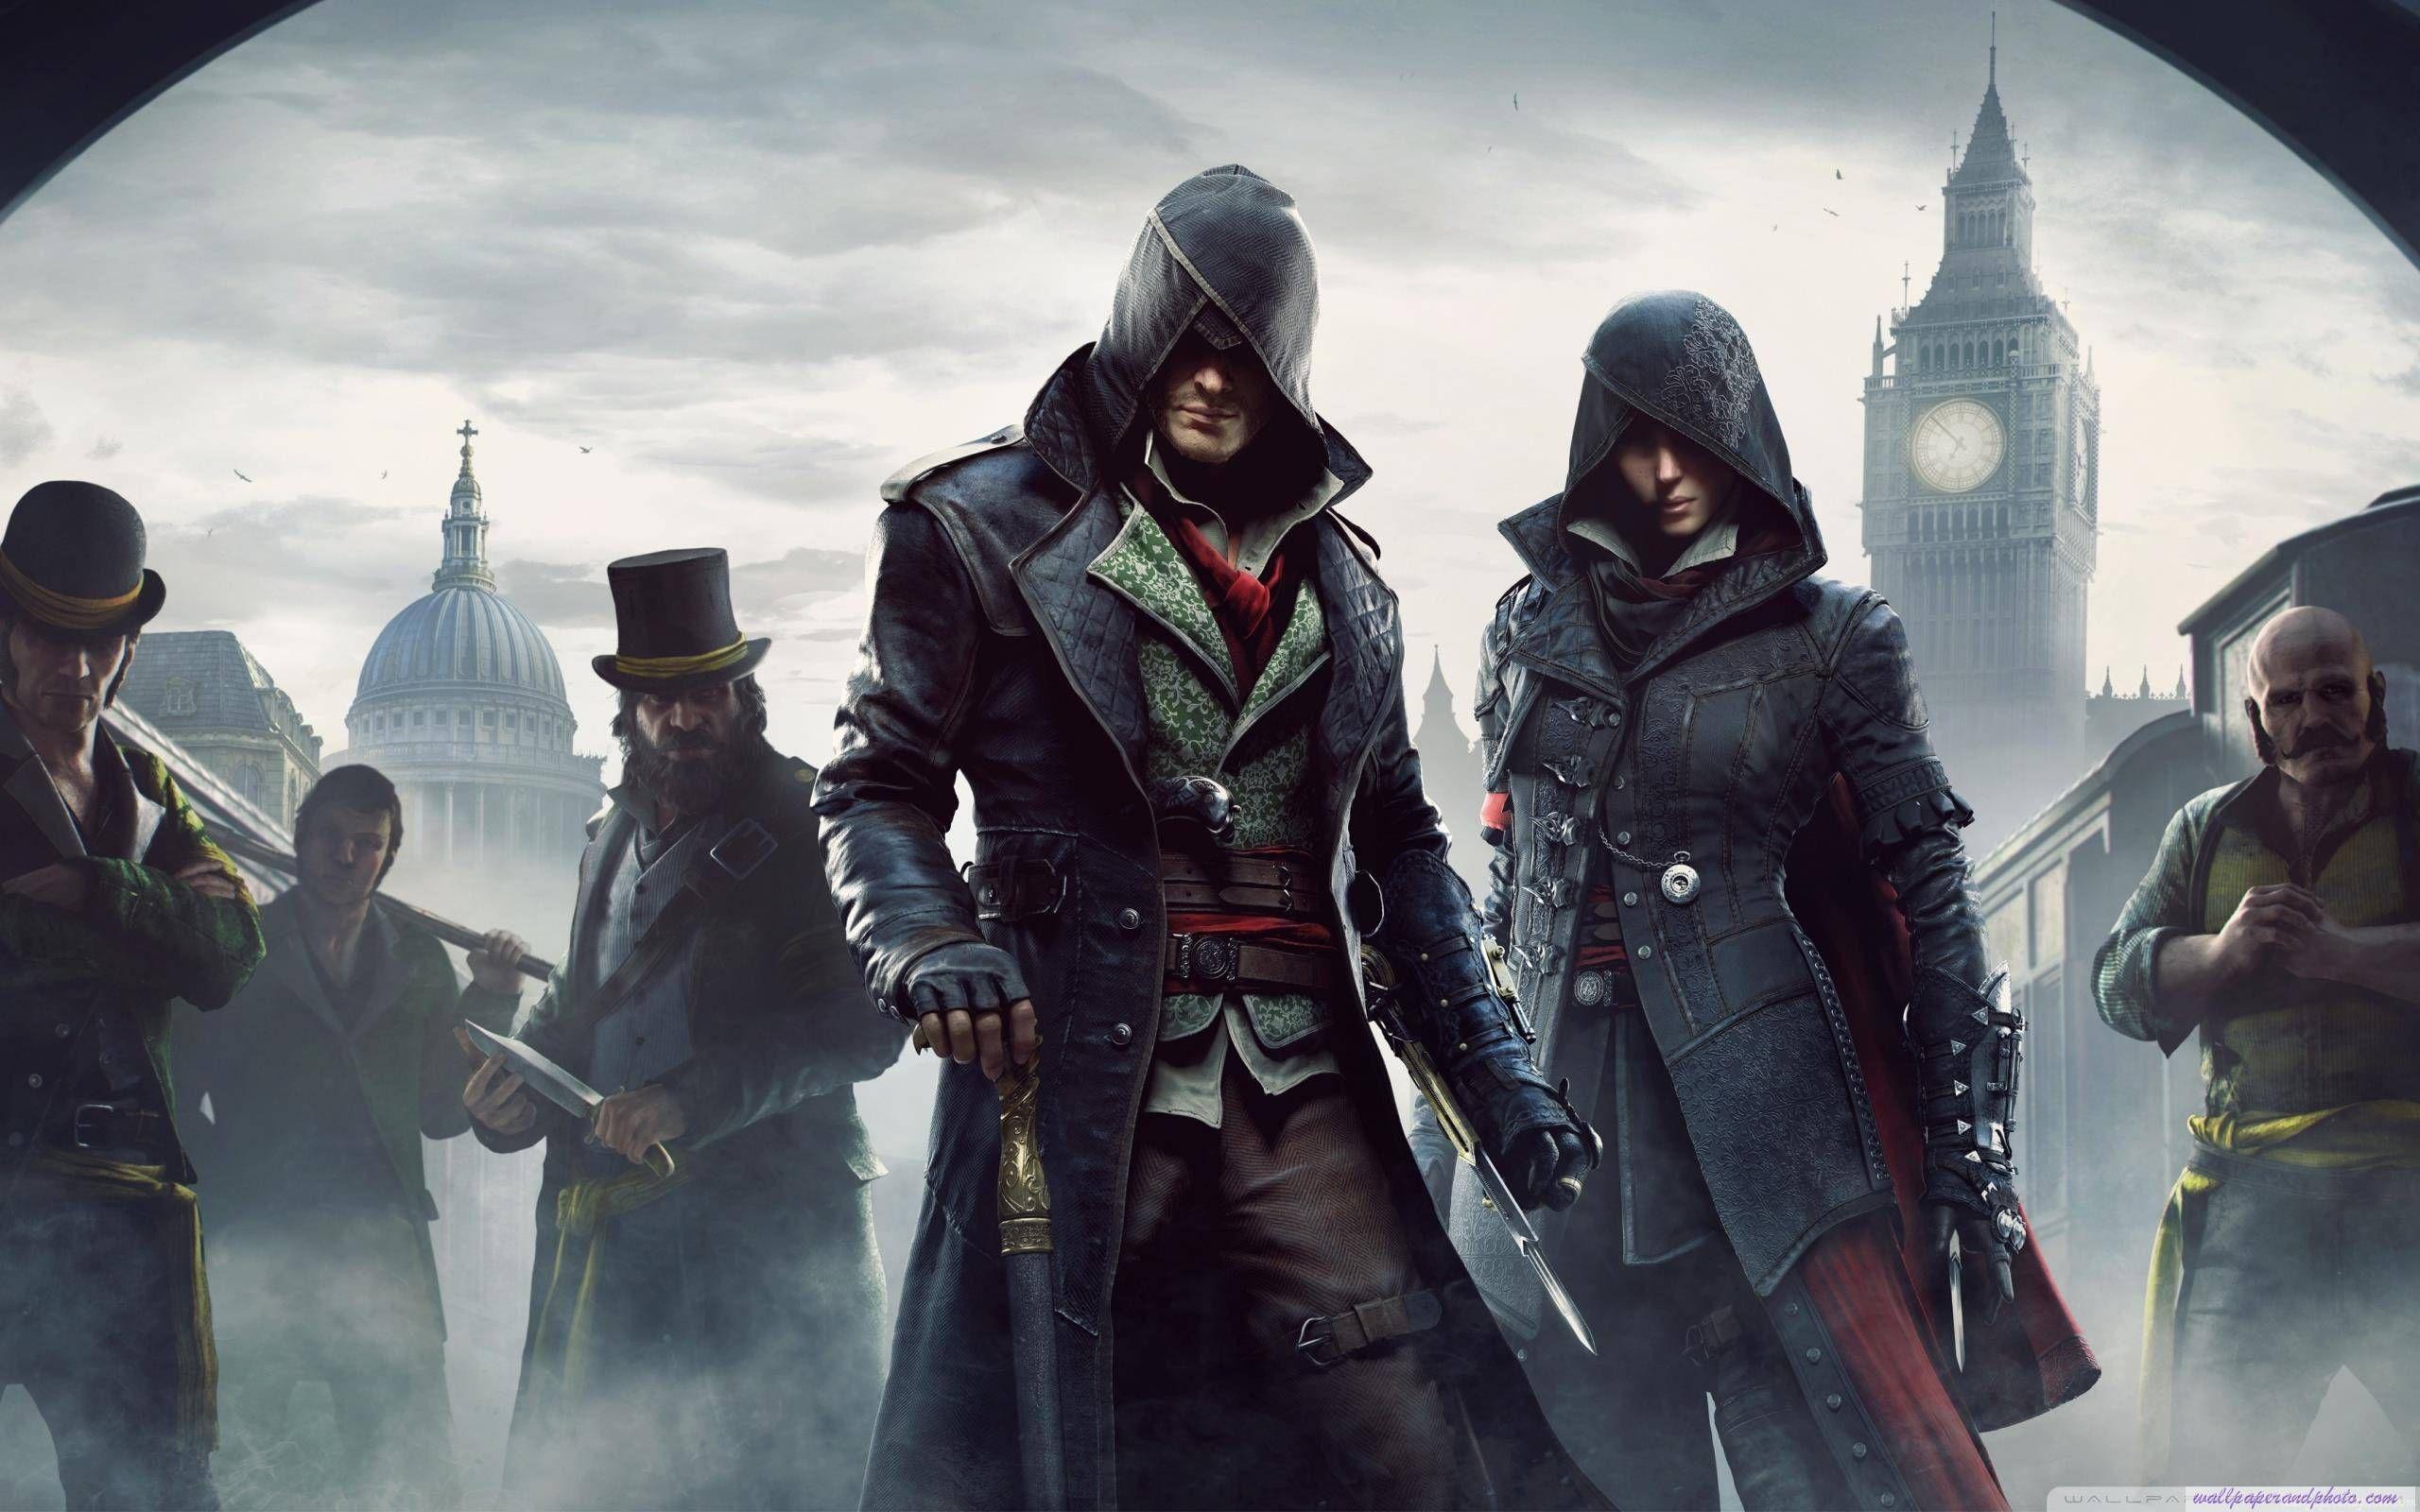 Assassins Creed Syndicate Hd 16 9 16 10 Desktop Wallpaper Widescreen Fullscreen Assassin S Creed Wallpaper Assassins Creed Syndicate Assassins Creed Unity